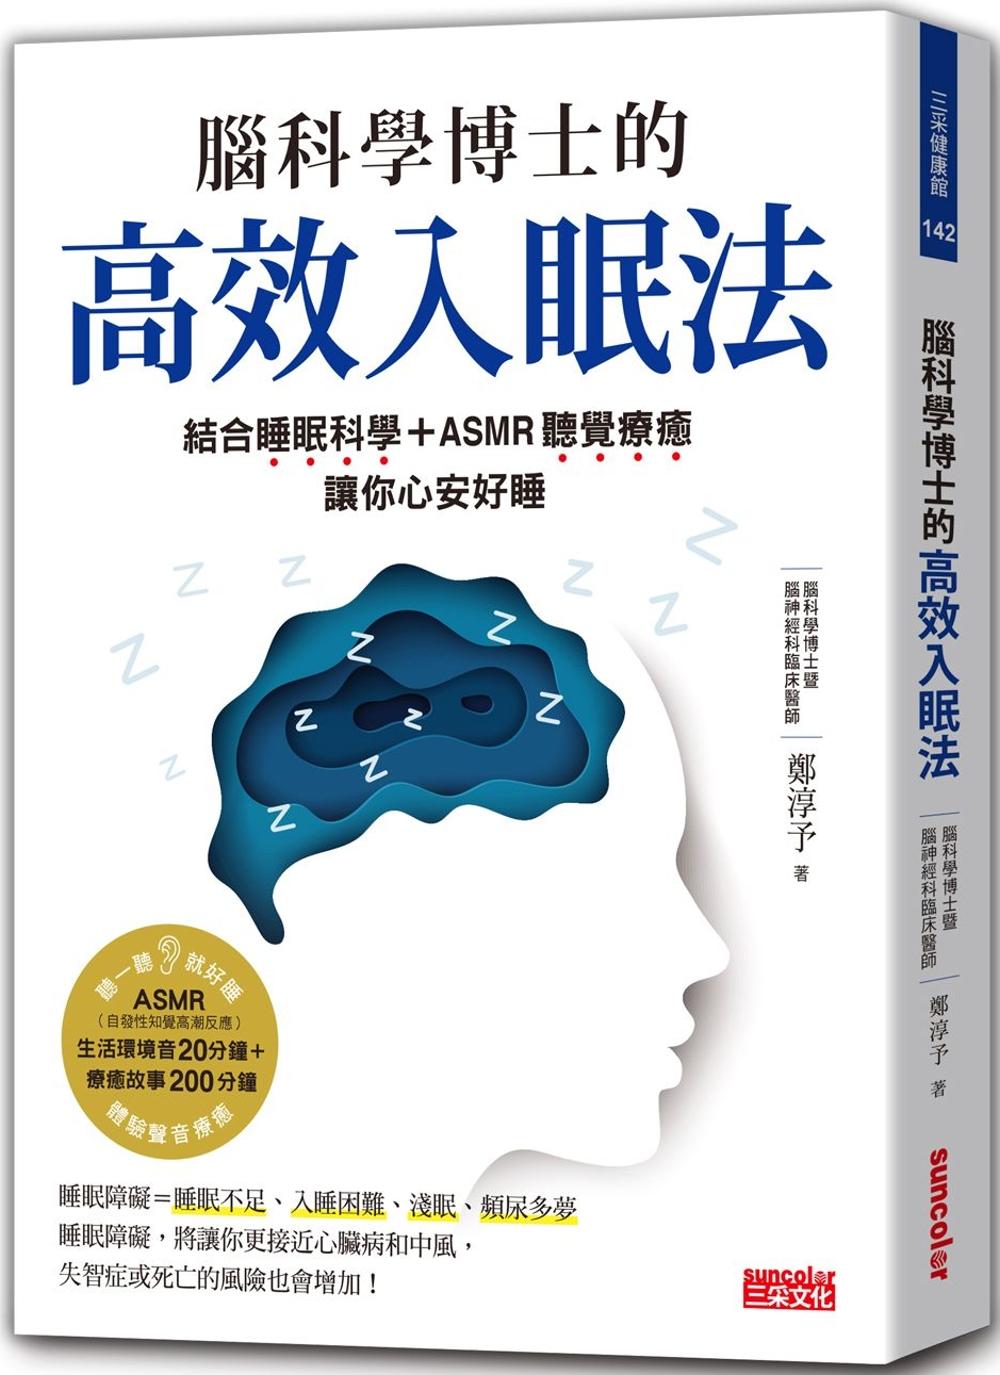 腦科學博士的高效入眠法:結合睡眠科學+ASMR聽覺療癒,讓你心安好睡(附ASMR療癒故事音頻+生活環境音QR Code)